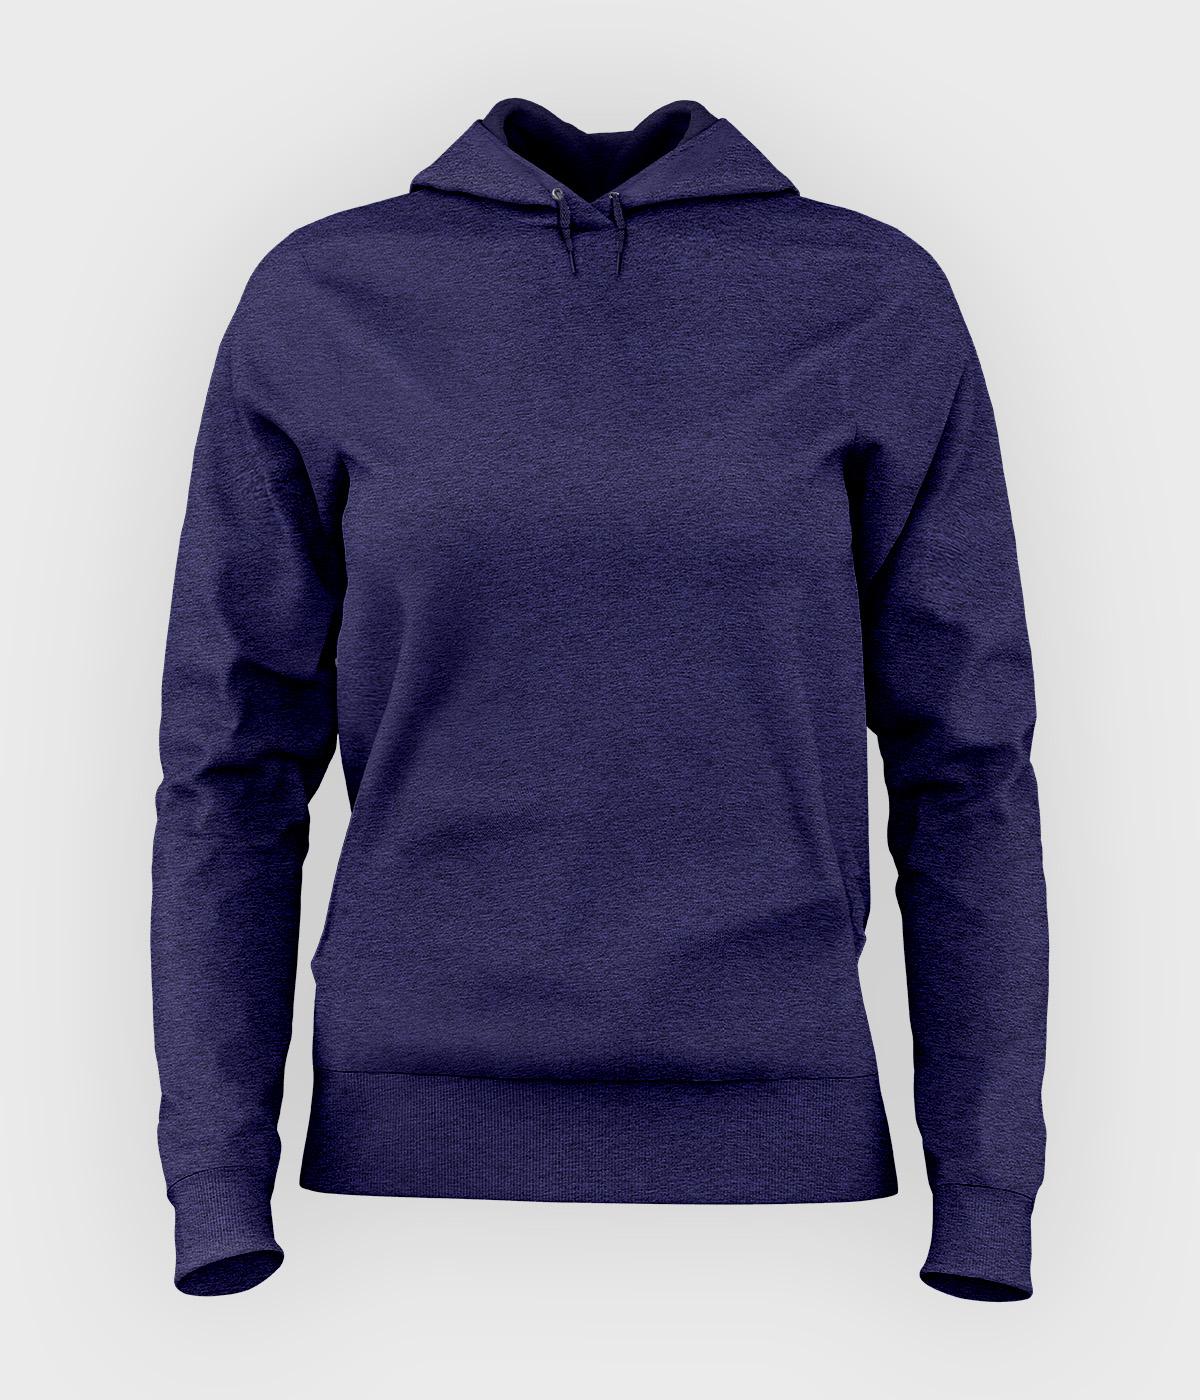 Damska bluza z kapturem taliowana (gładka, niebieska)